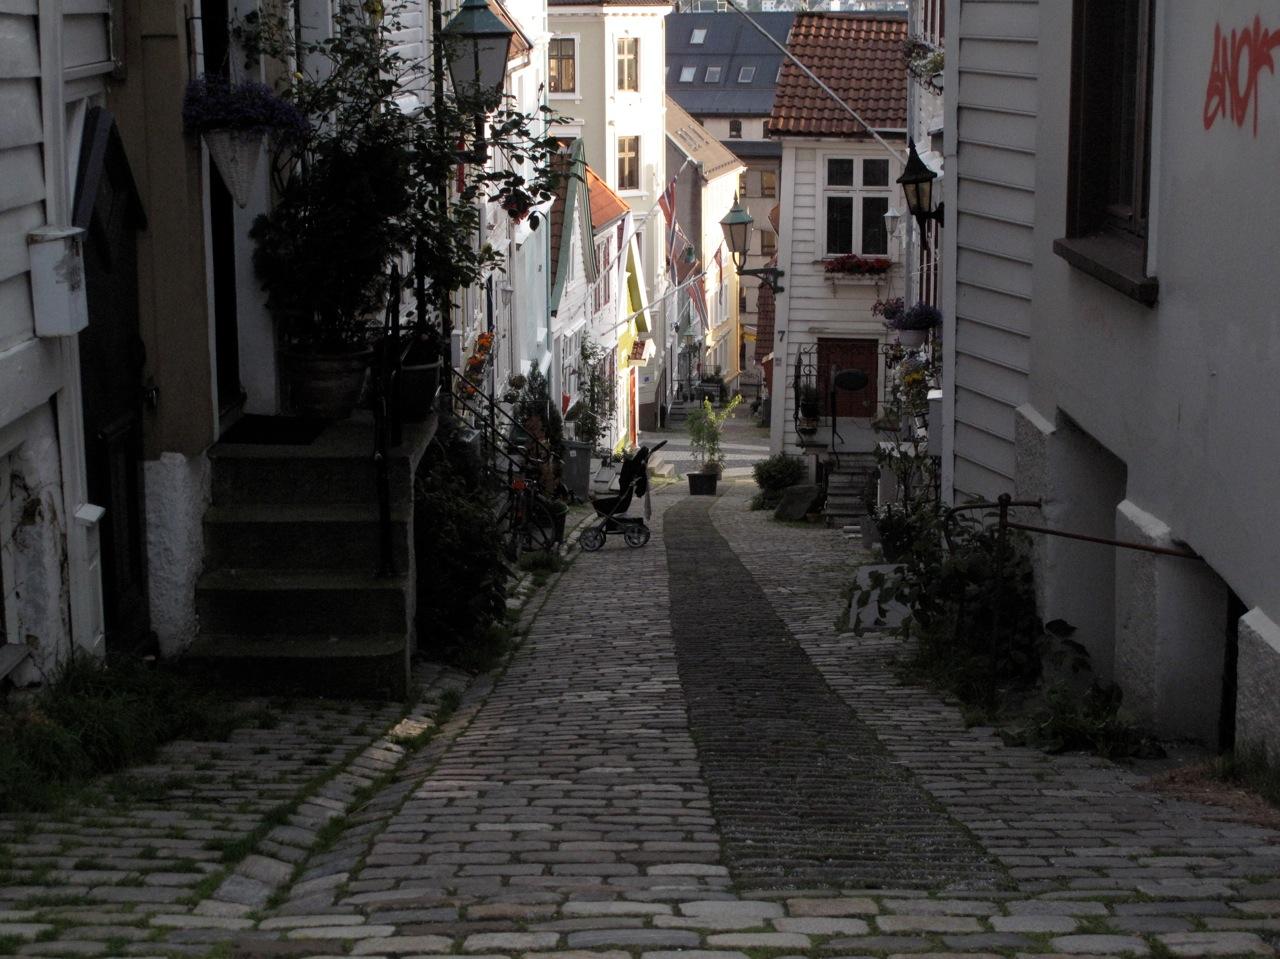 Bergensgatene får sykkelbesøk. Men blir det en turistoppsving verd 70 millioner kroner? Foto: Odd Roar Lange